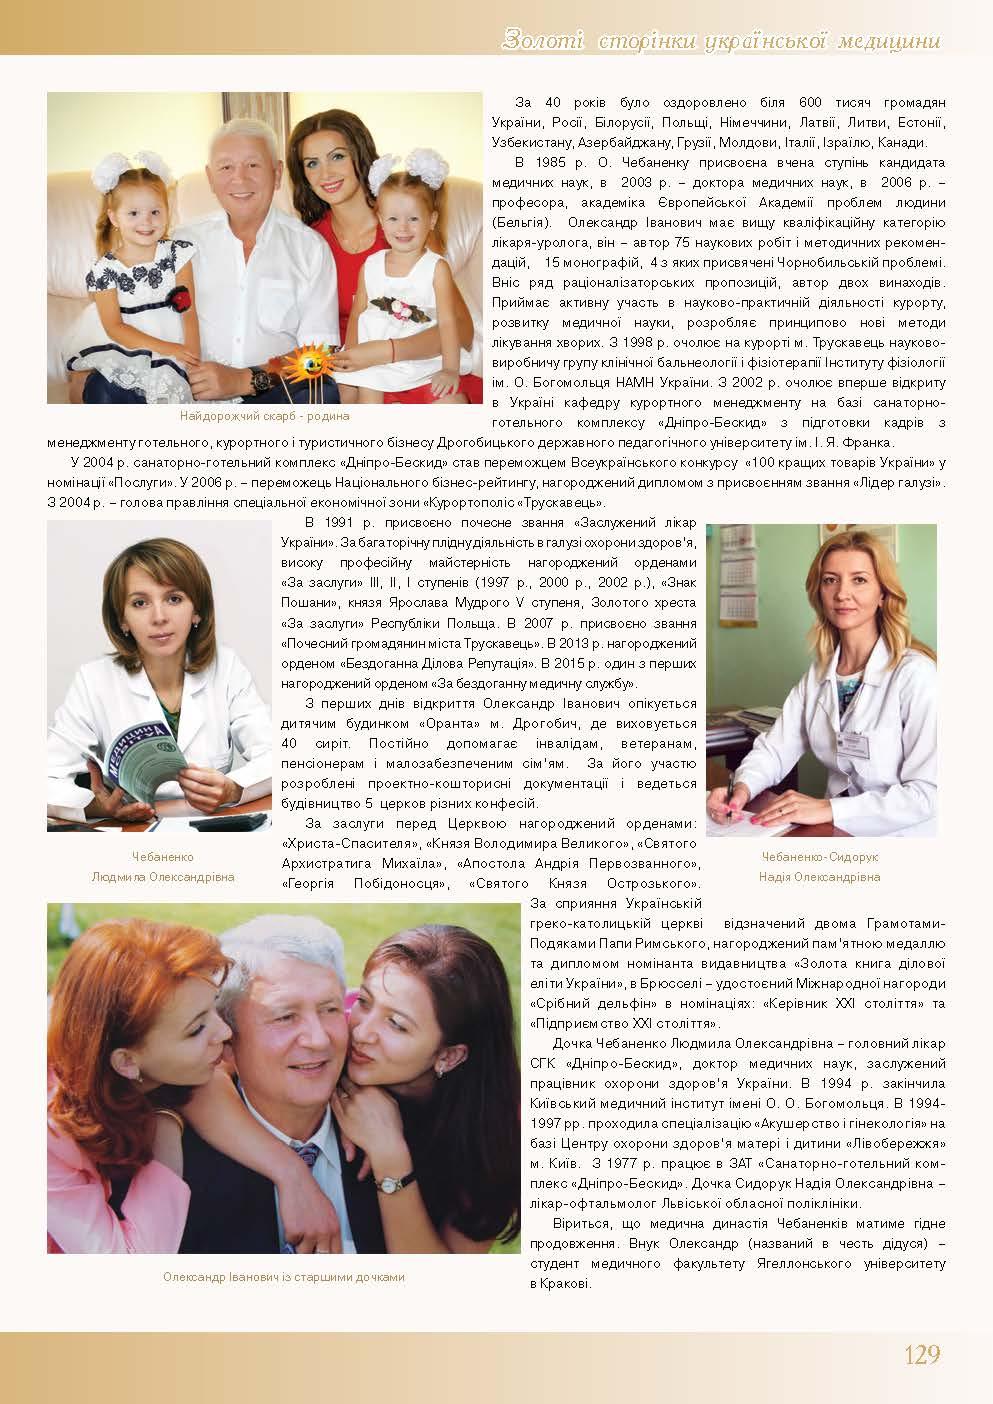 Медична династія Чебаненків